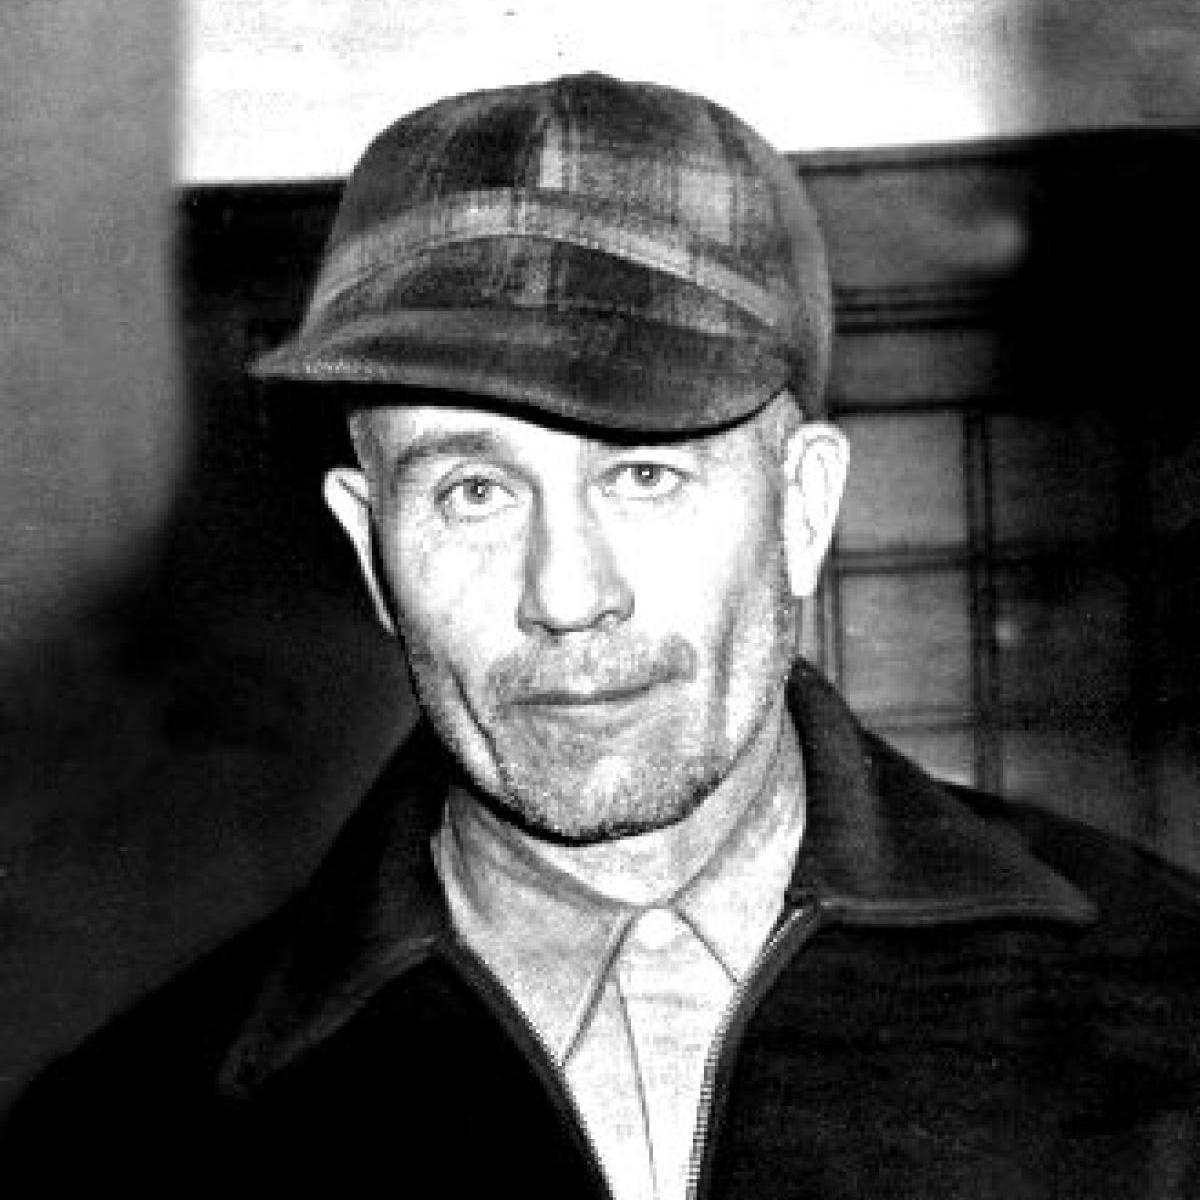 CuadroXCuadro: La relación de 'Psicosis' y Hitchcock con la tragedia de Edipo